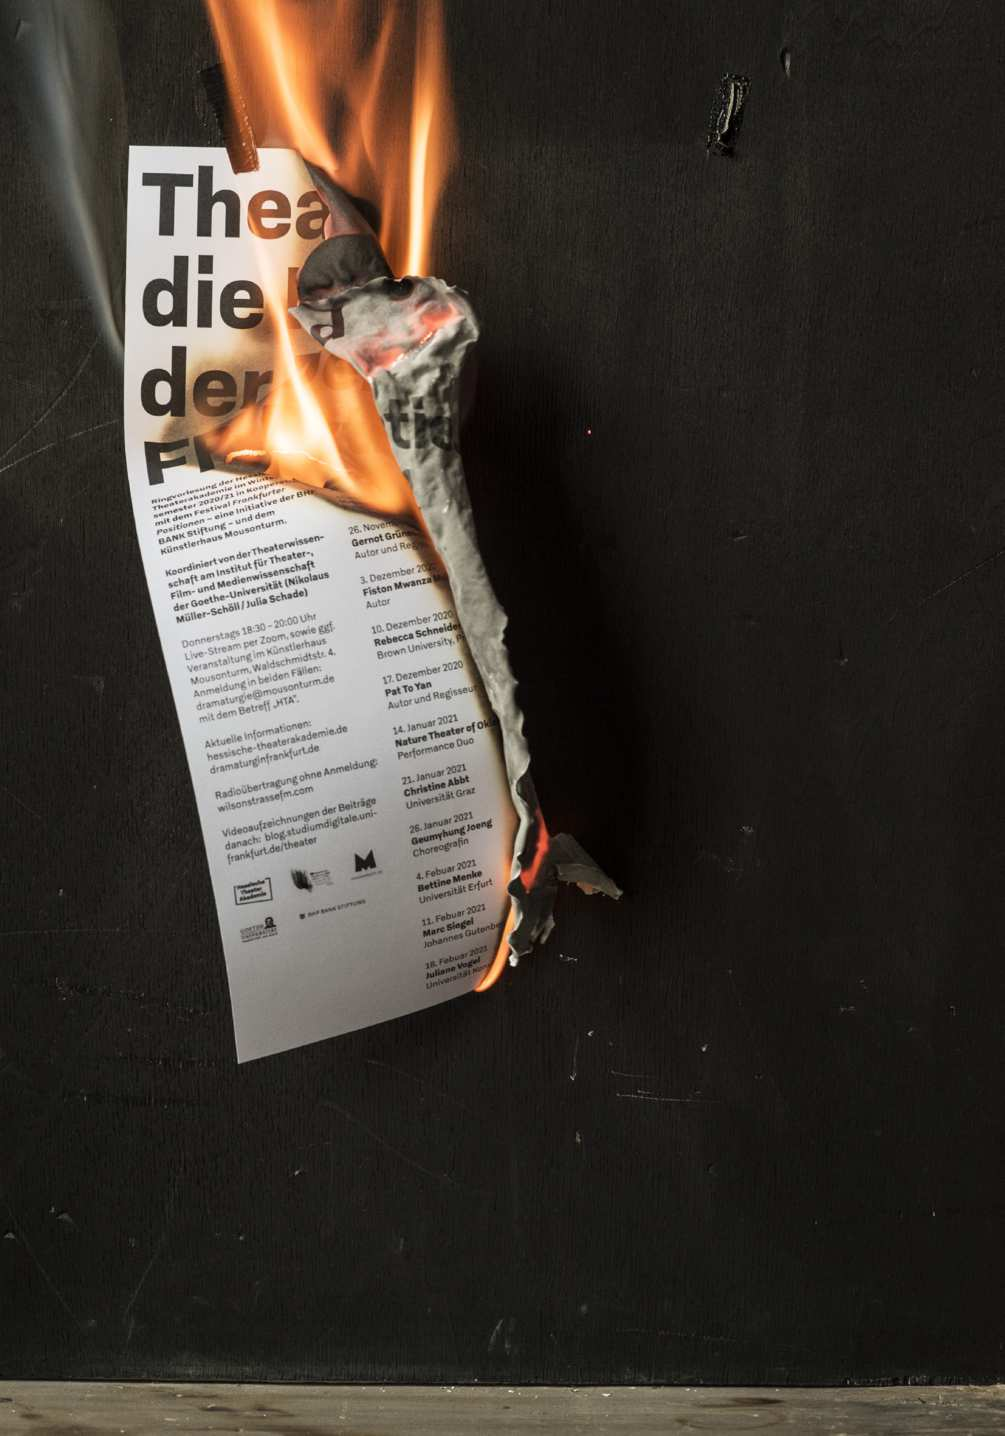 krise-der-demokratie-photo-09-1005x1436px